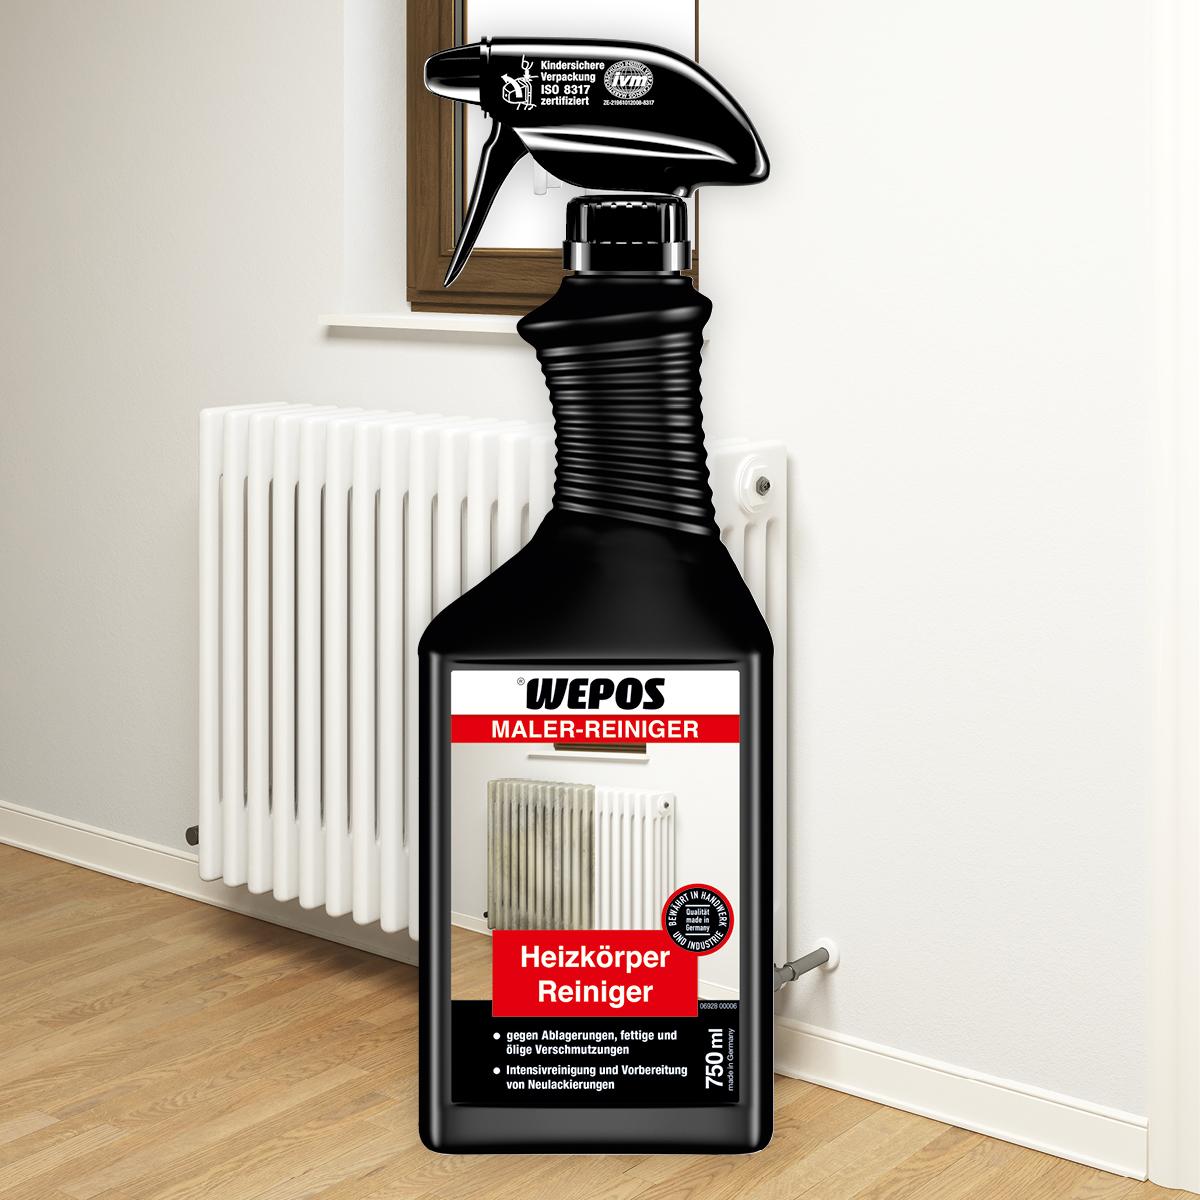 Maler-Reiniger Heizkörper Reiniger 750 ml